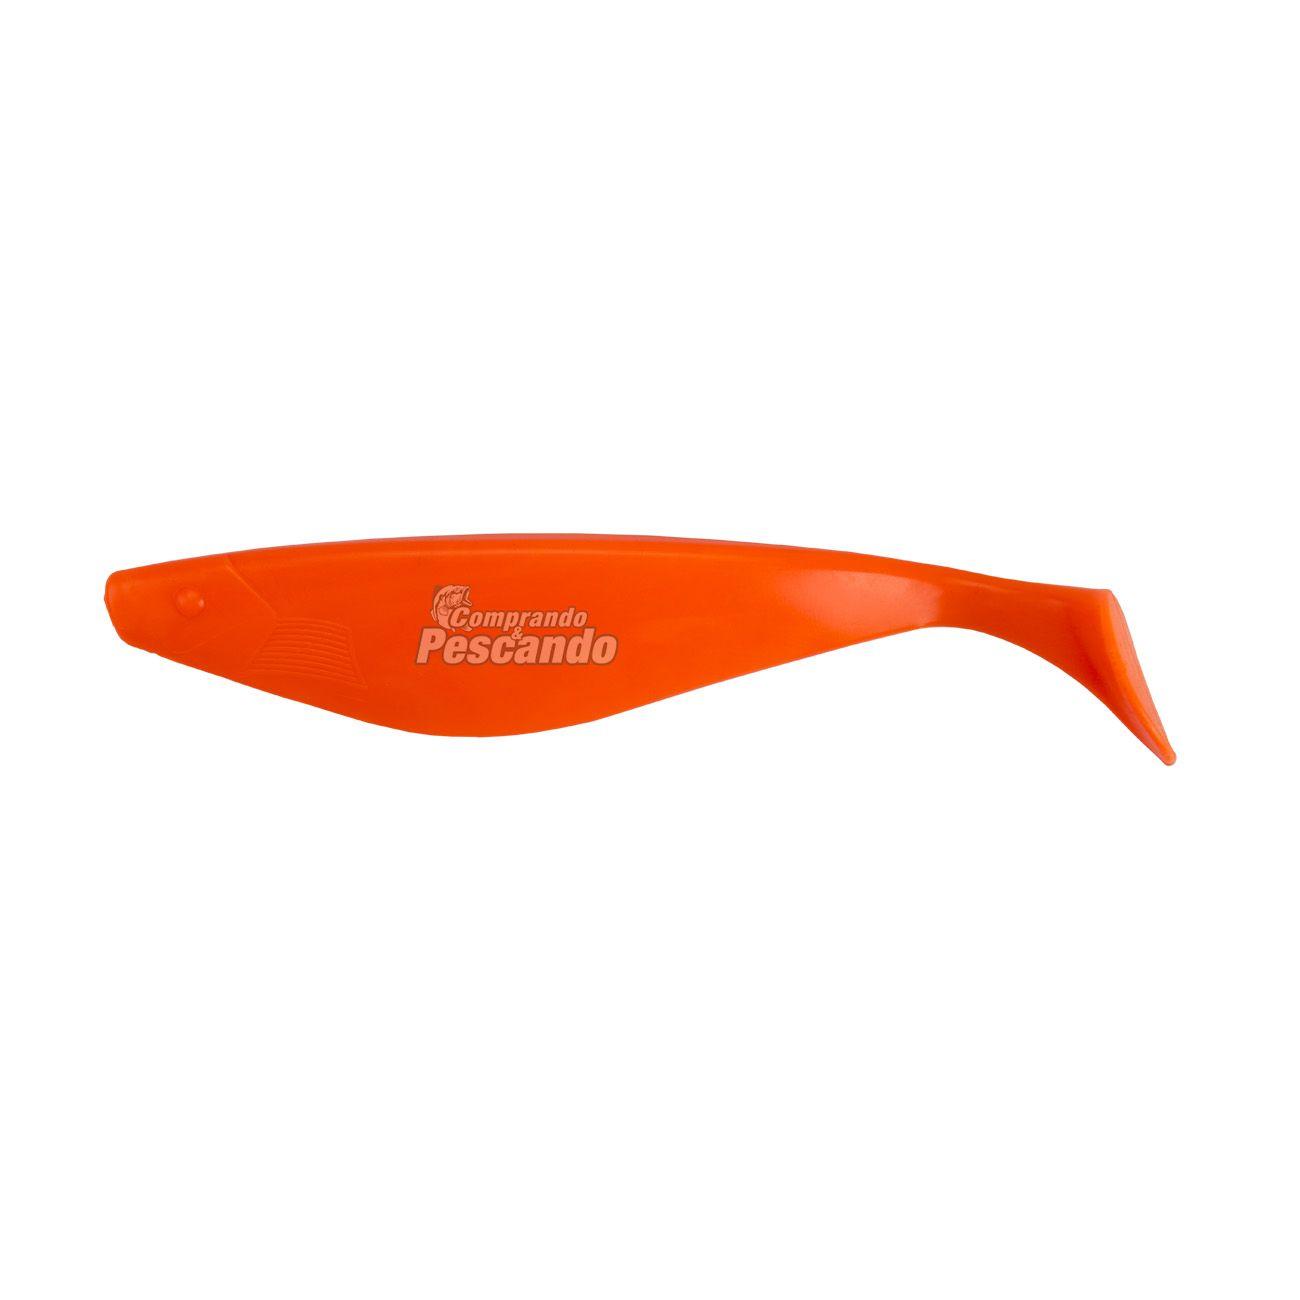 Isca Action Plastic Shad Minnow 22,9cm  - Comprando & Pescando